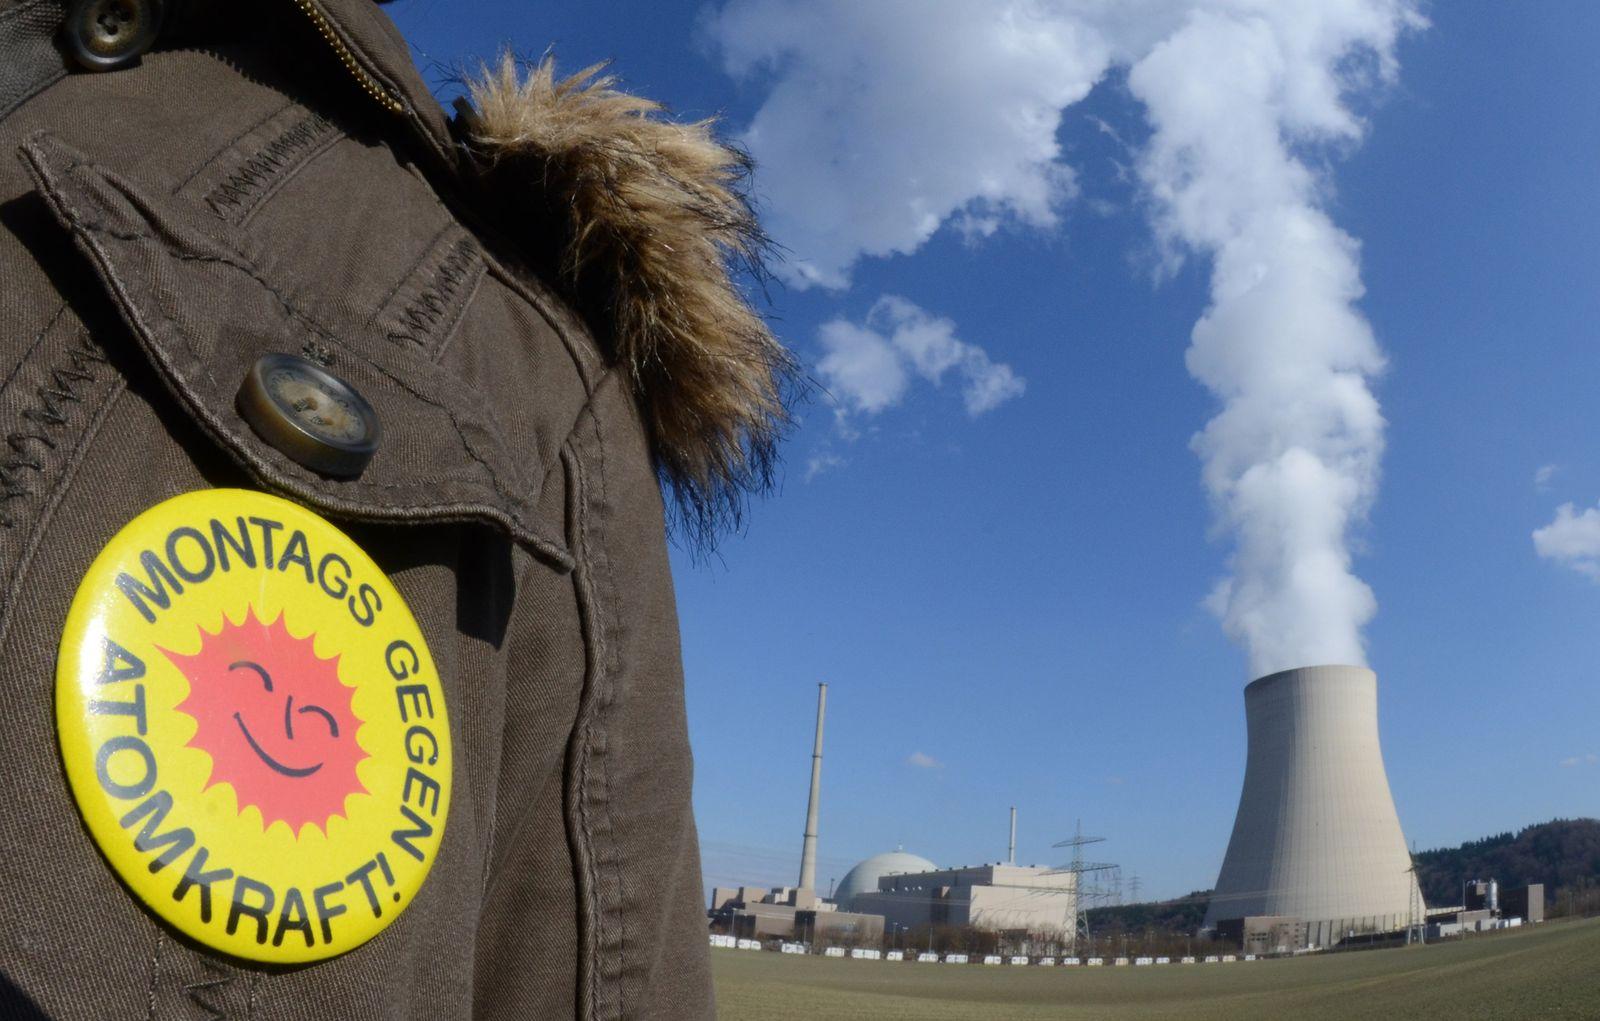 Kernkraftwerke Isar 1 und 2